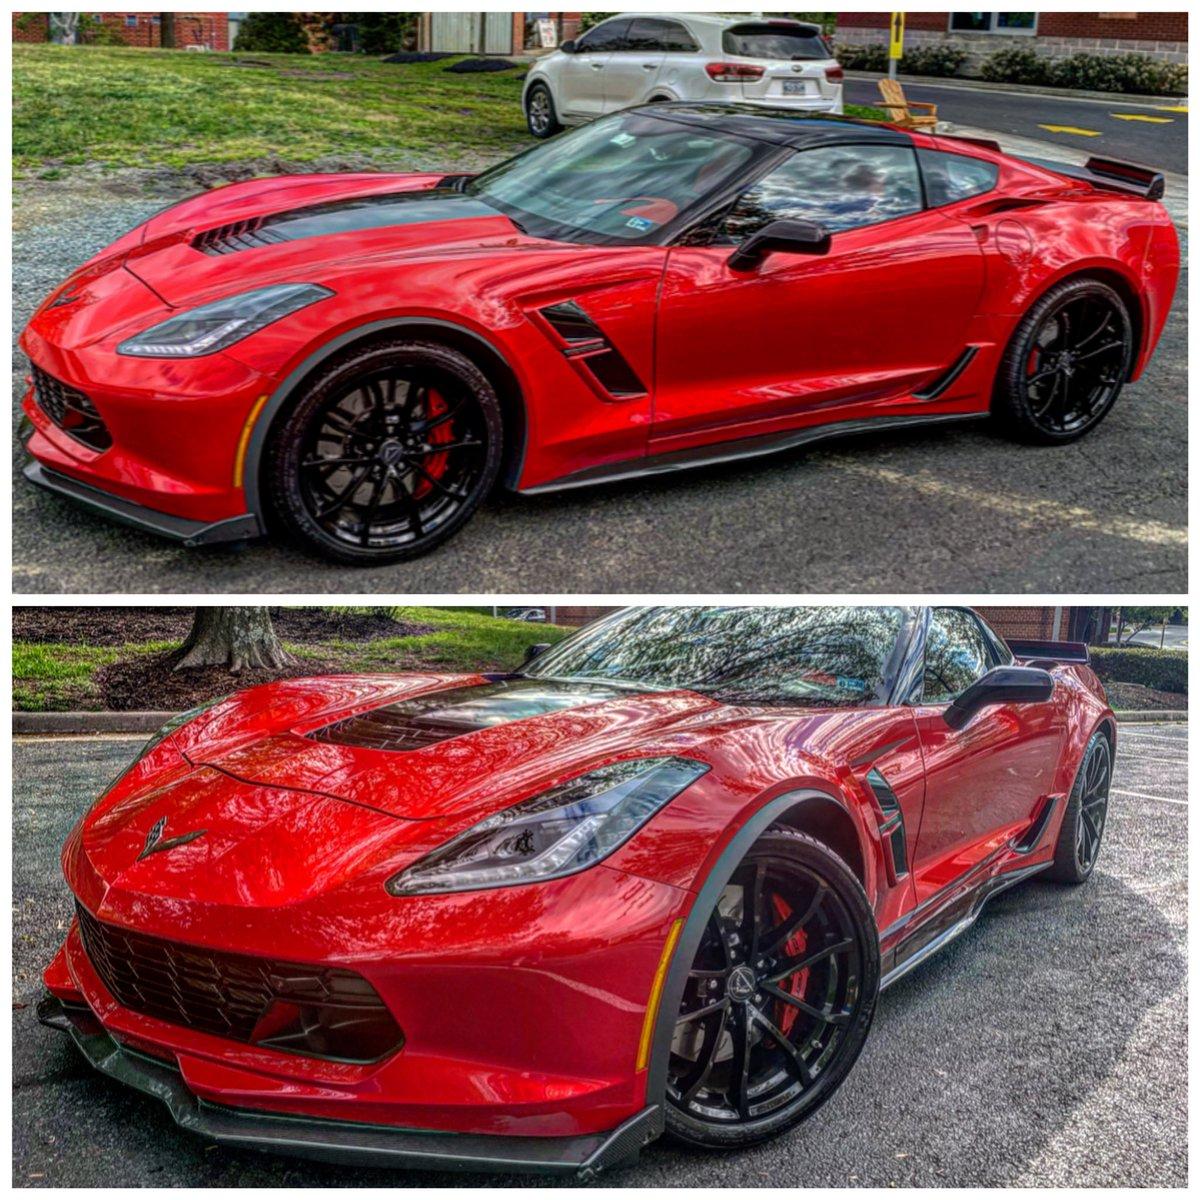 Fresh 🔥👌🏻 #c7 #corvette #fresh #thebeast  #c7corvette #grandcoupe #2019 #beast https://t.co/LCh4s3gSwz